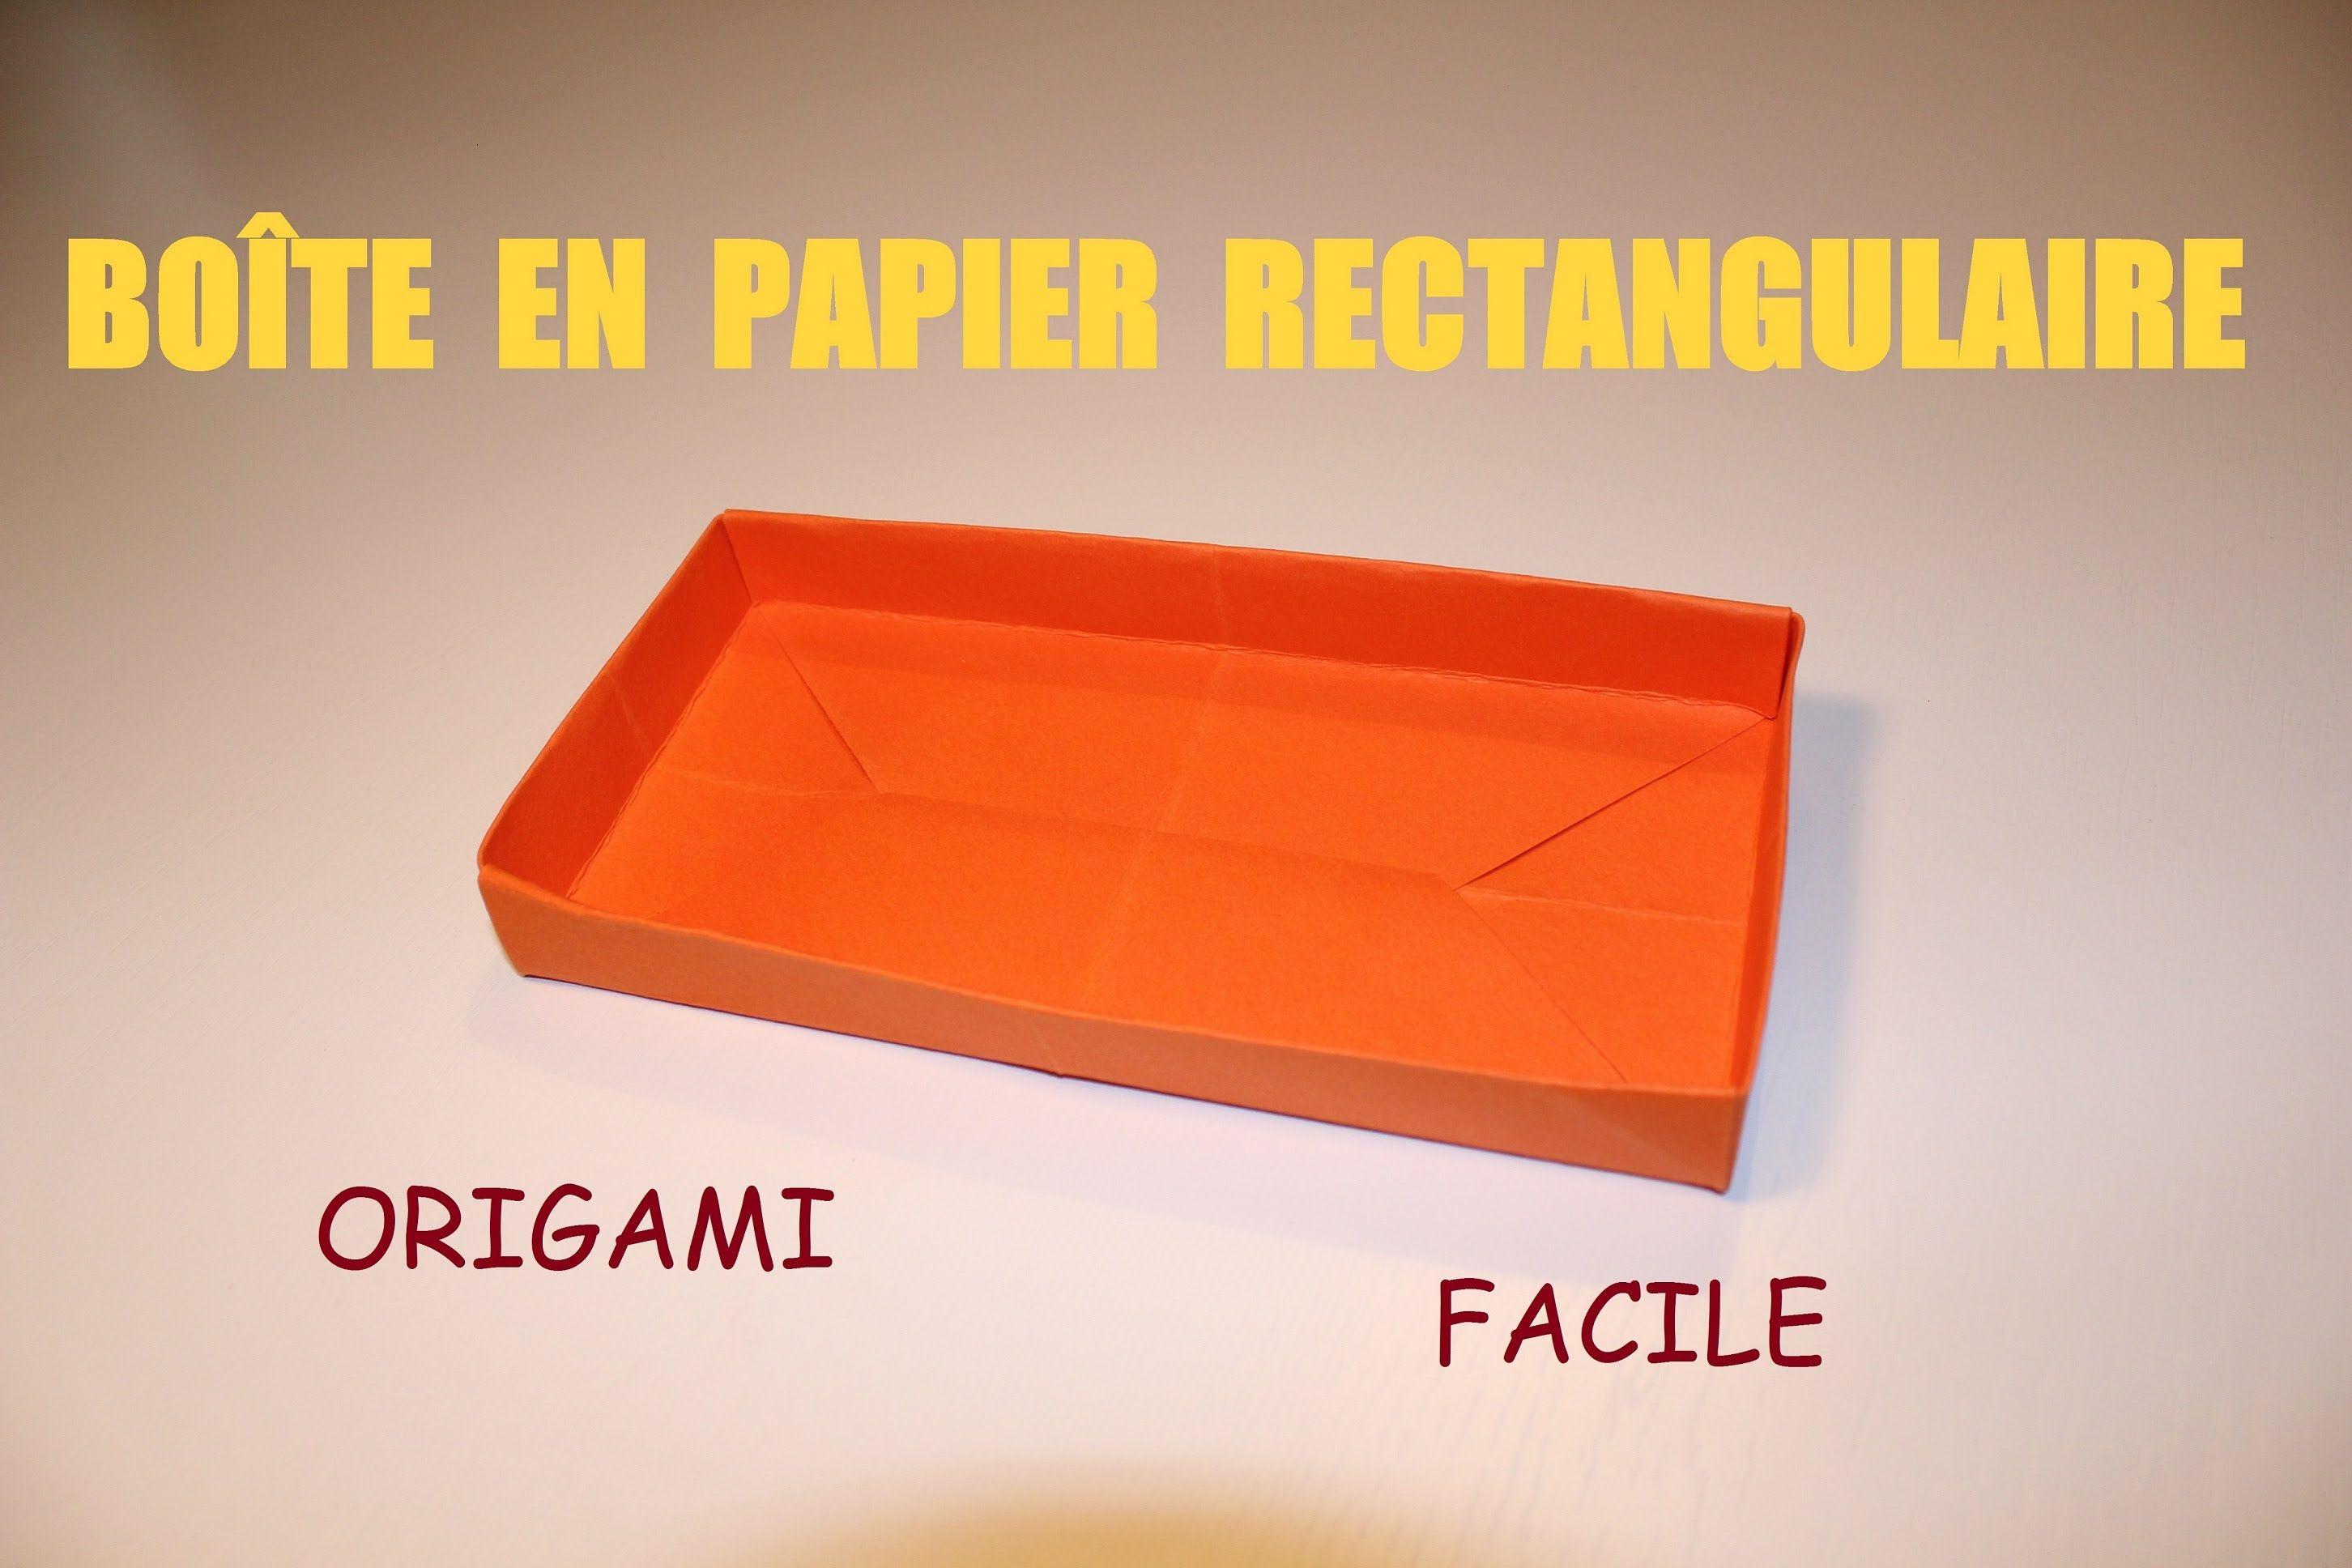 Comment Faire Une Boite En Papier Rectangulaire Origami Facile